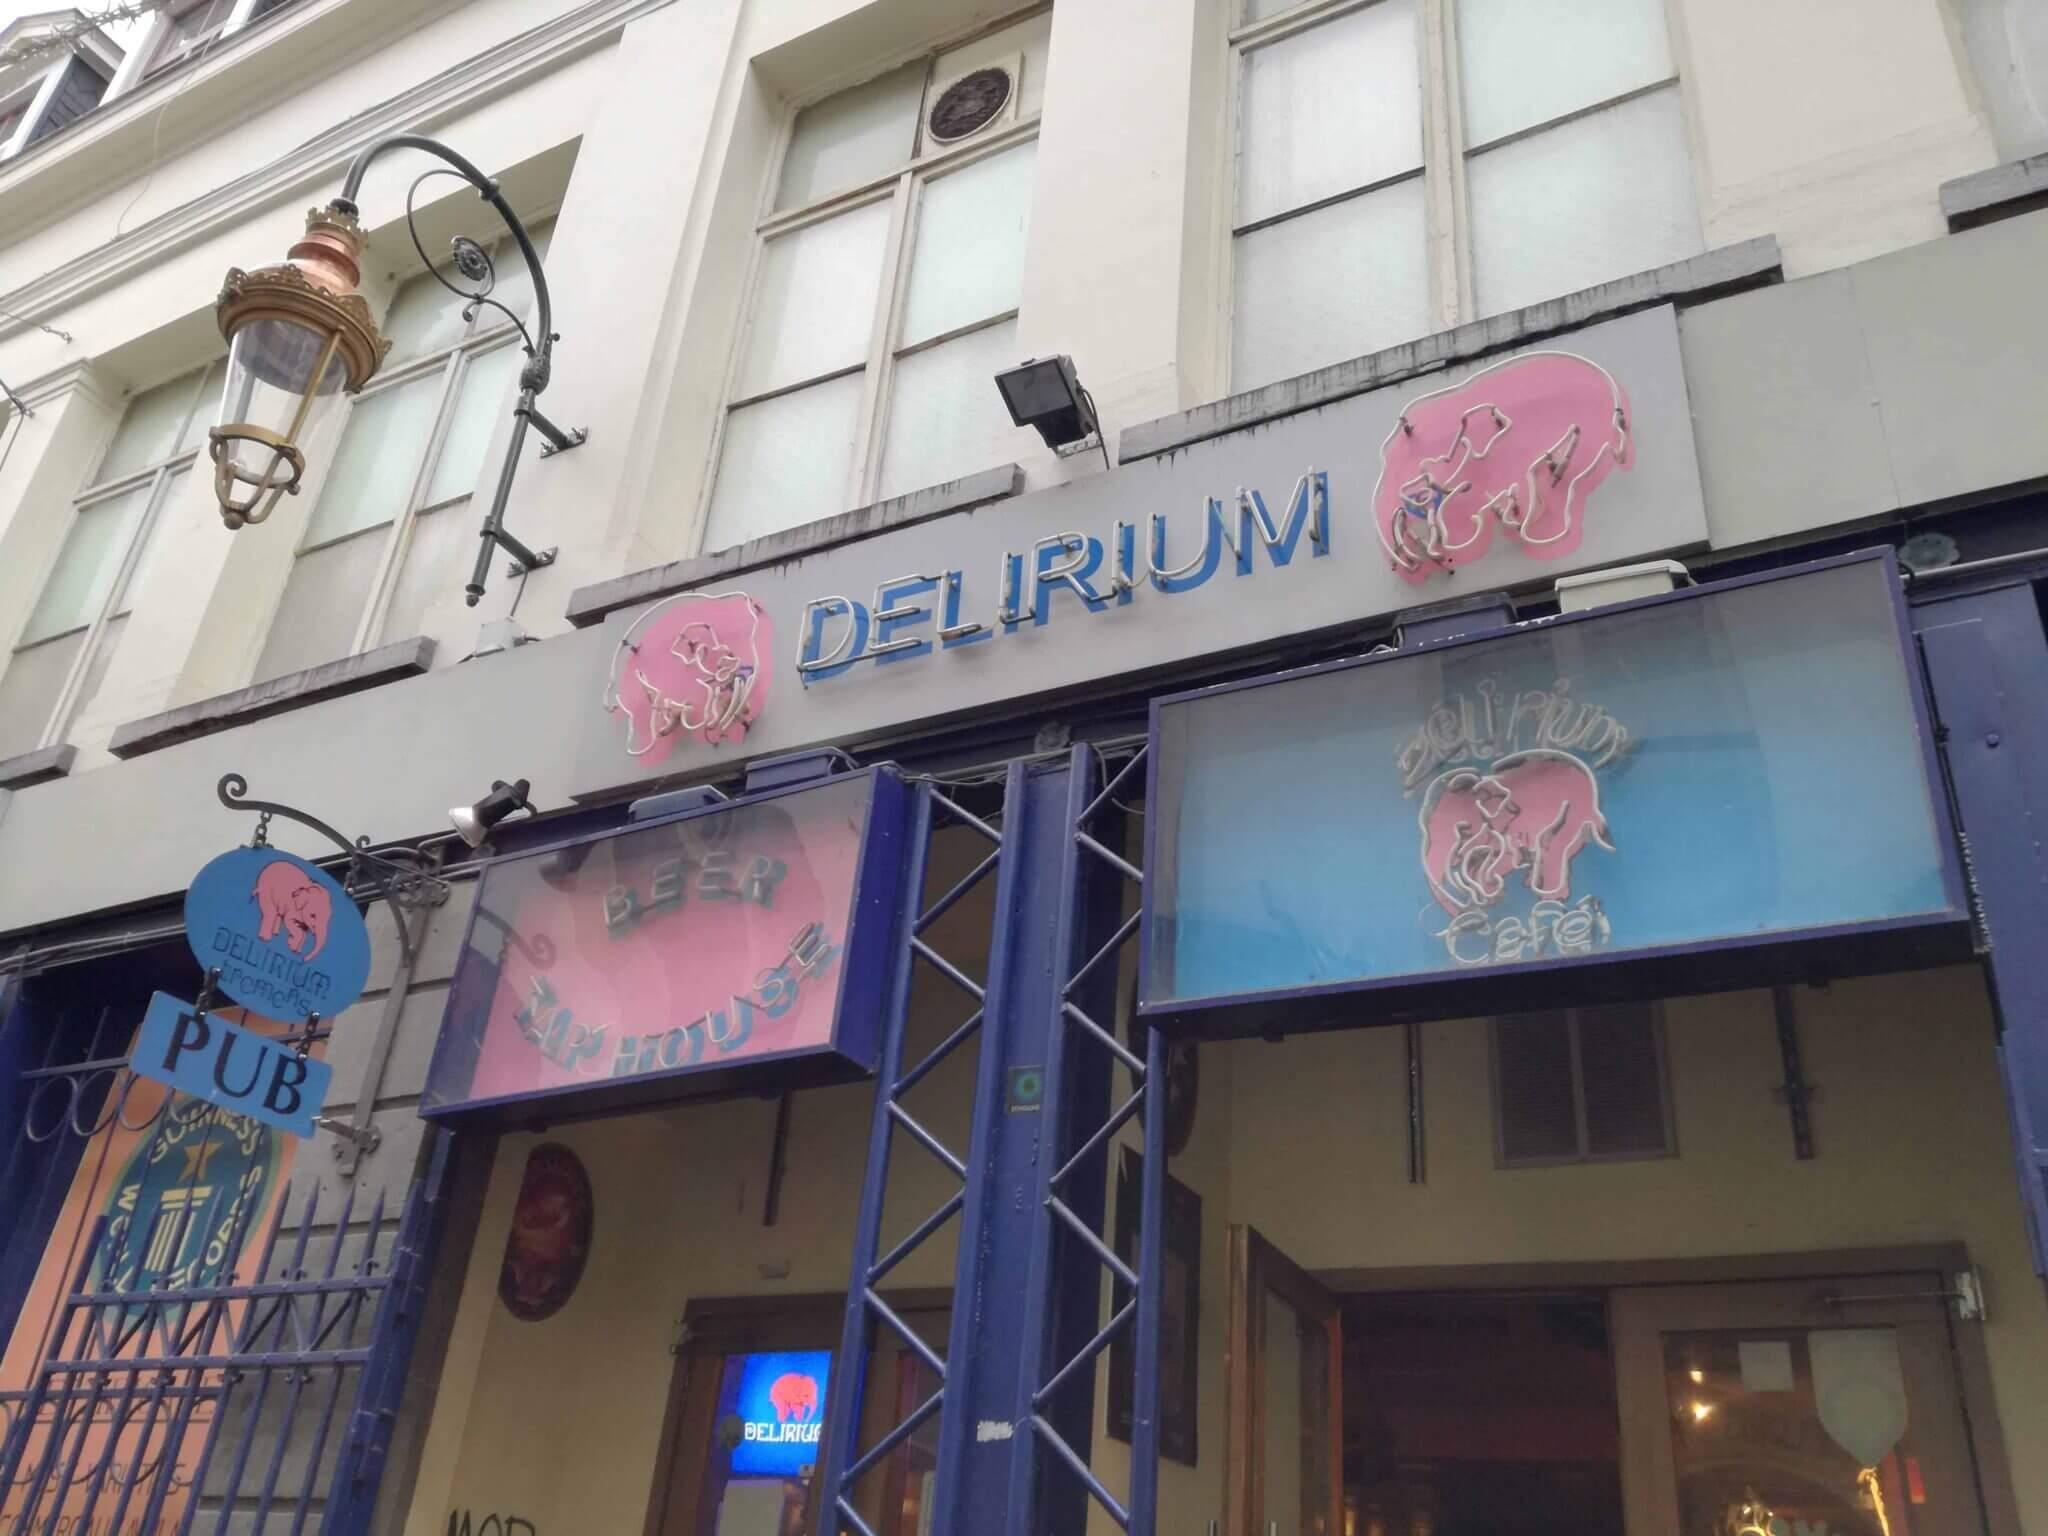 Delirium Tremens Pub